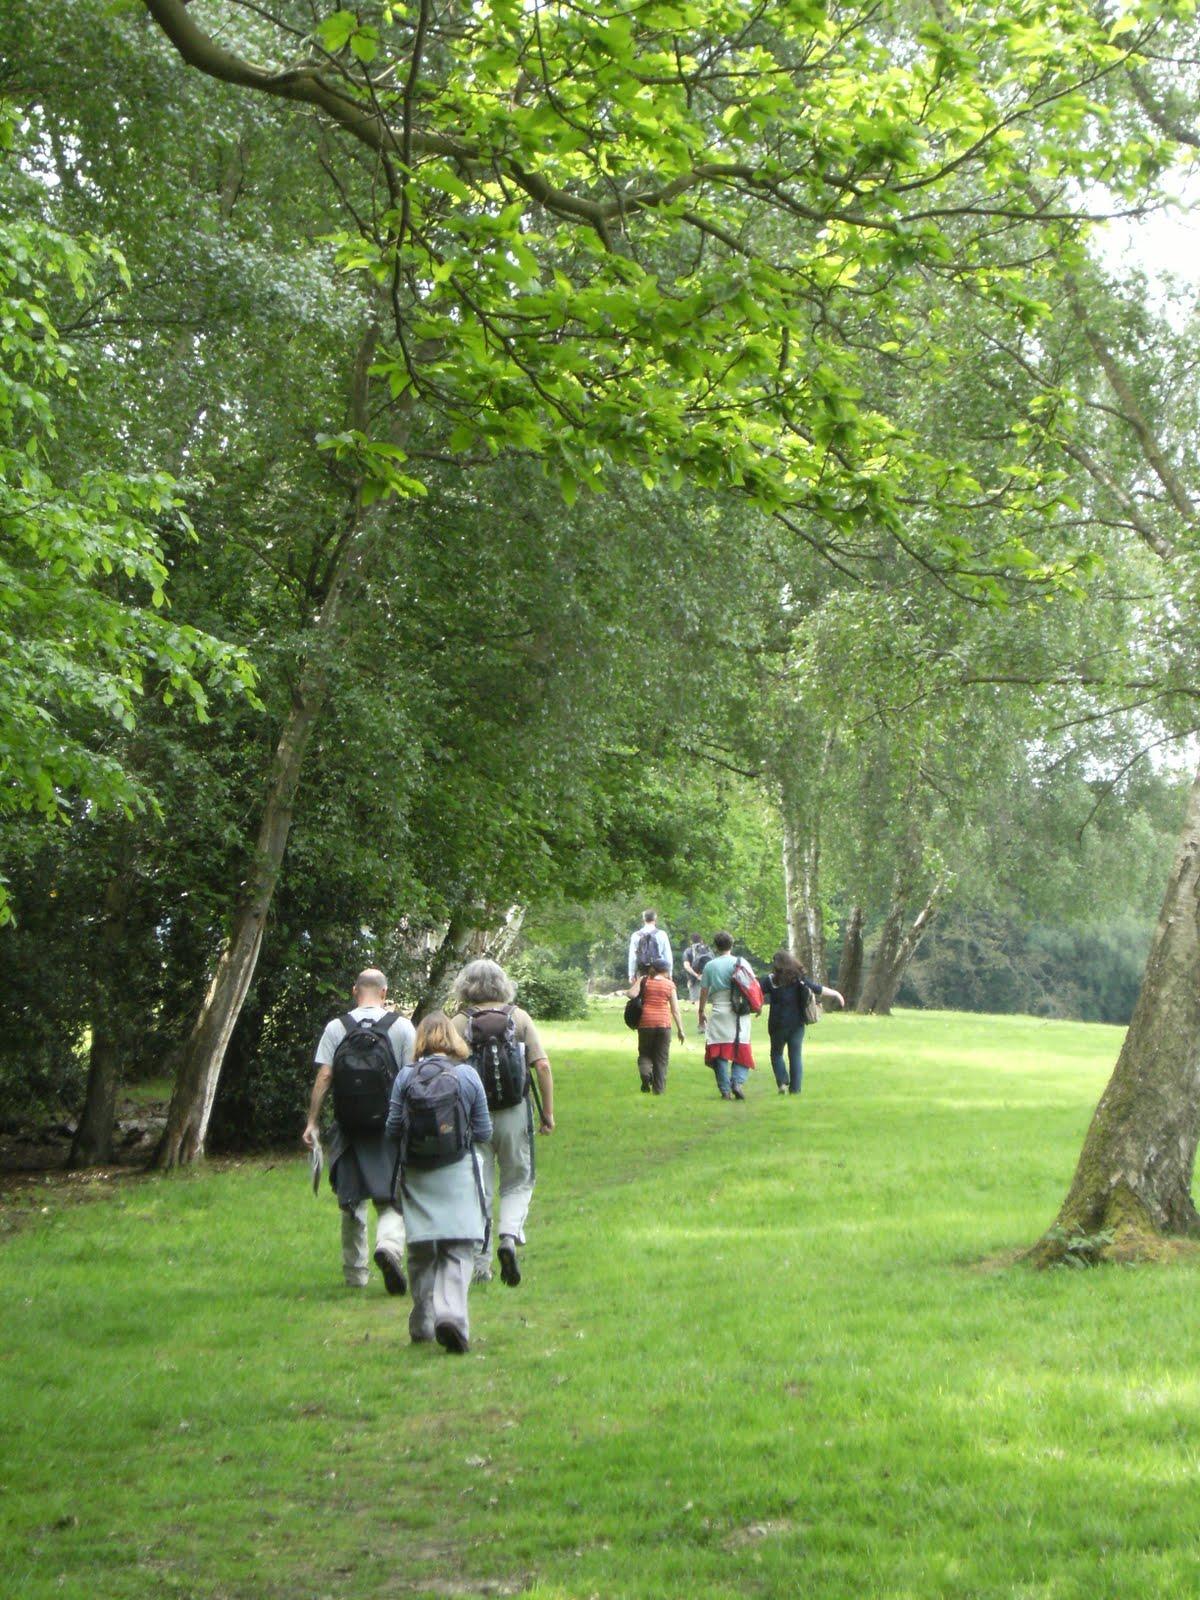 DSCF7803 Along the High Weald Landscape Trail